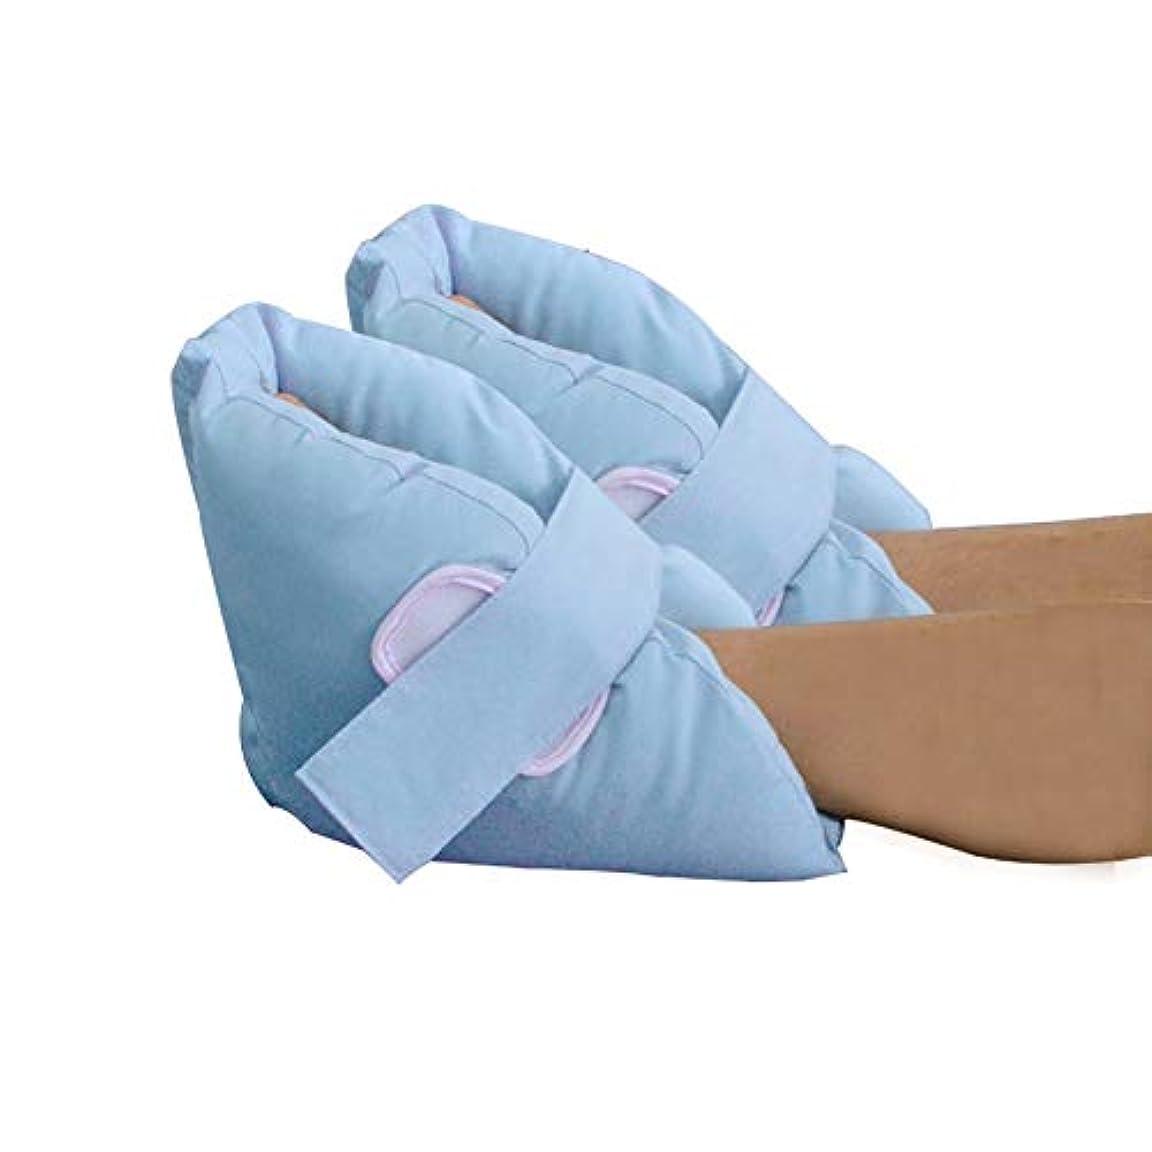 一回オリエンテーションケニアかかと足首足プロテクター、Dec瘡/床ずれ/Press瘡のポリエステル/綿カバー付き保護枕クッション